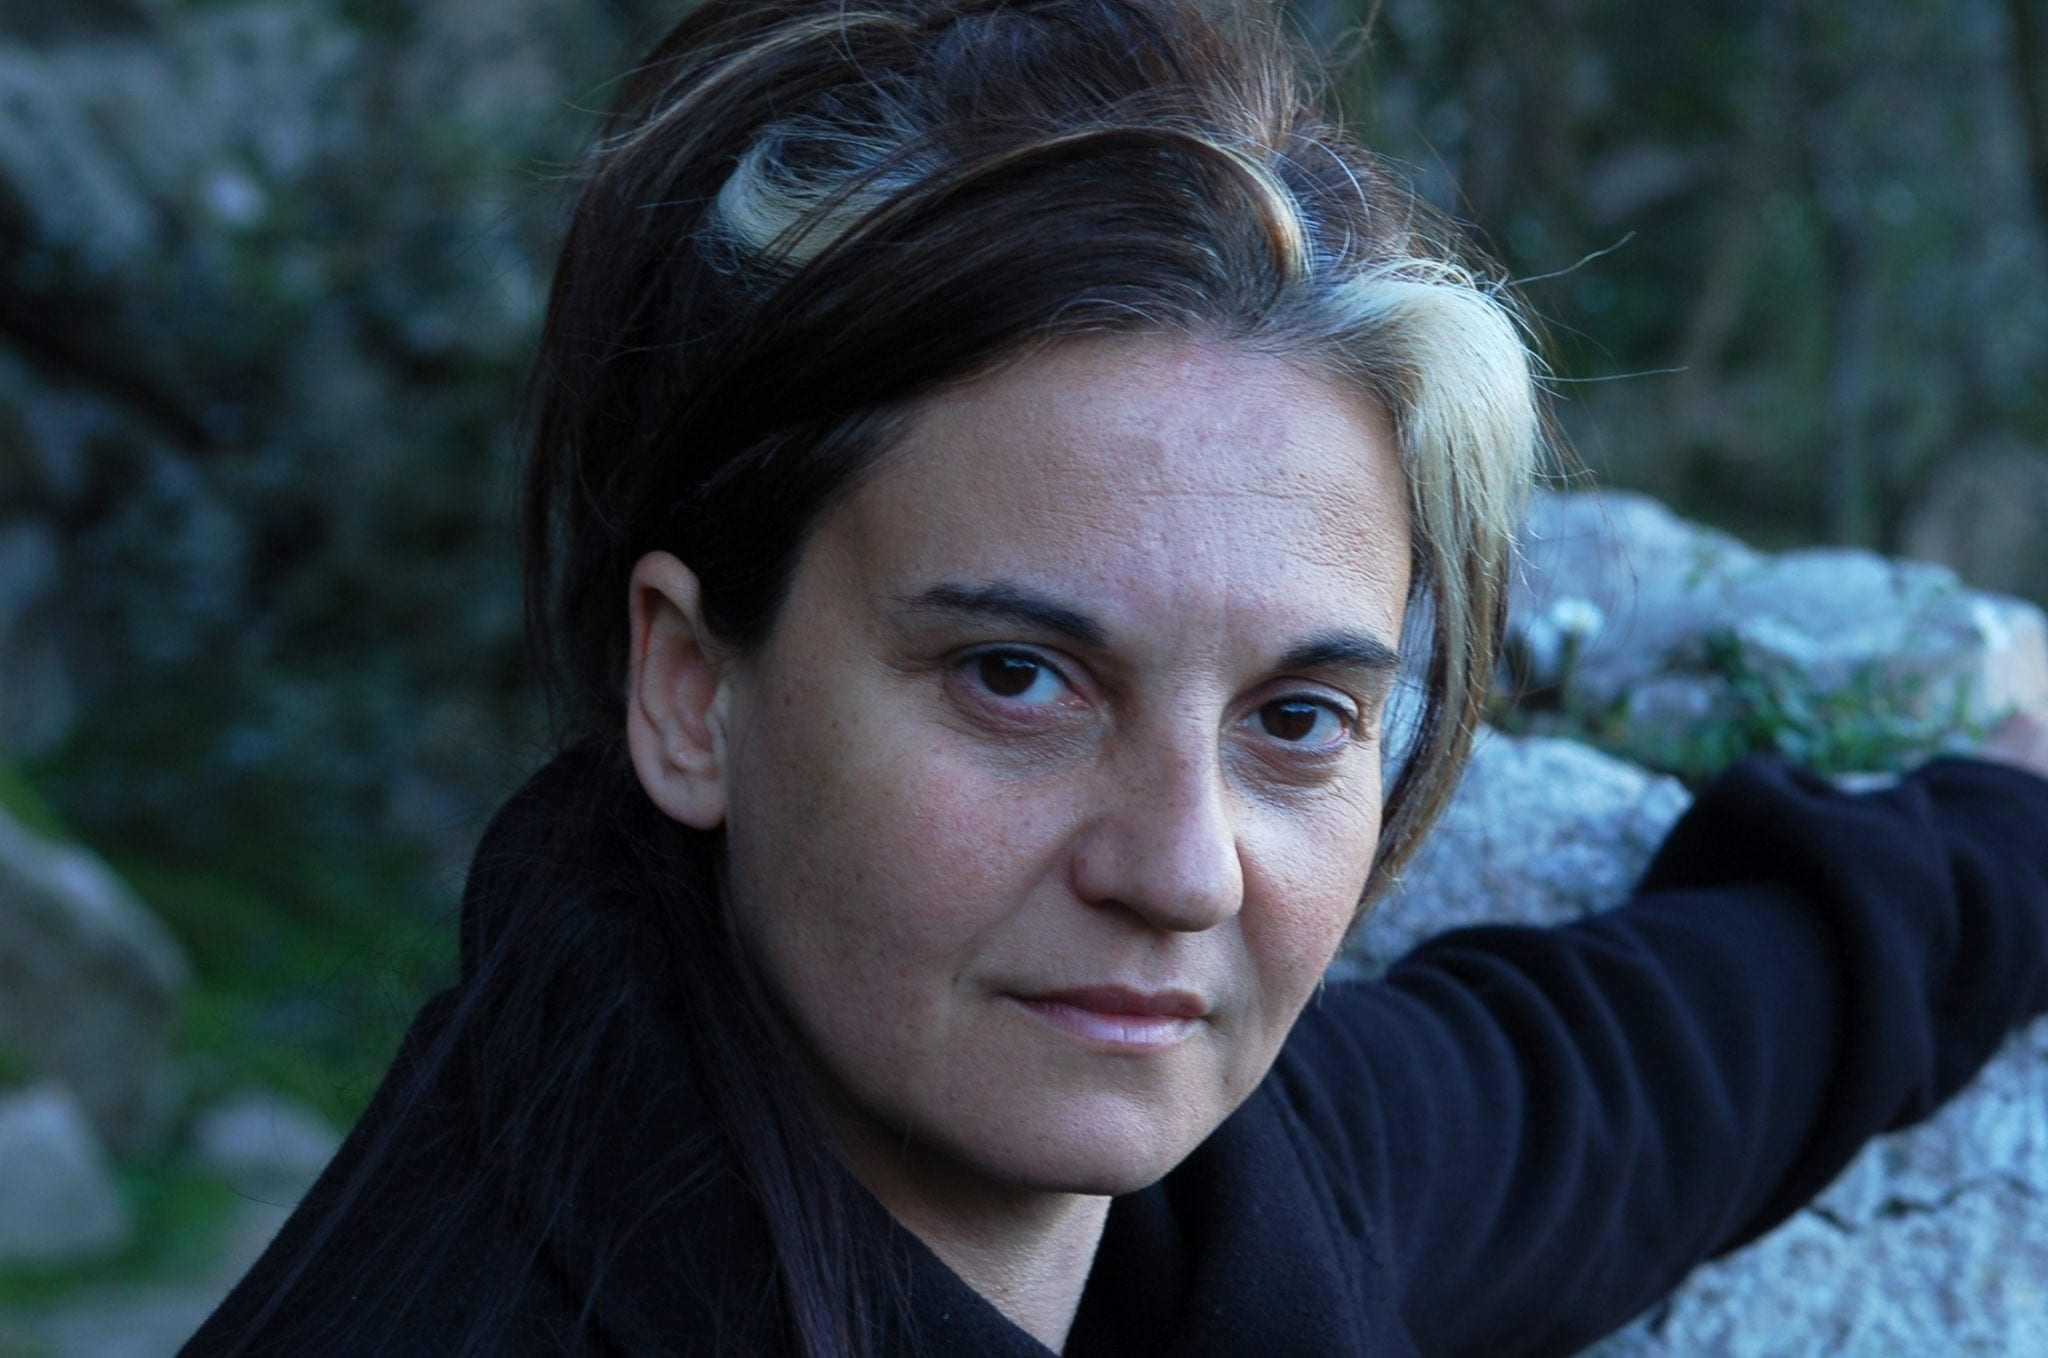 EMMA DANTE: RIMBORSO DEI BIGLIETTI PER OPERETTA BURLESCA